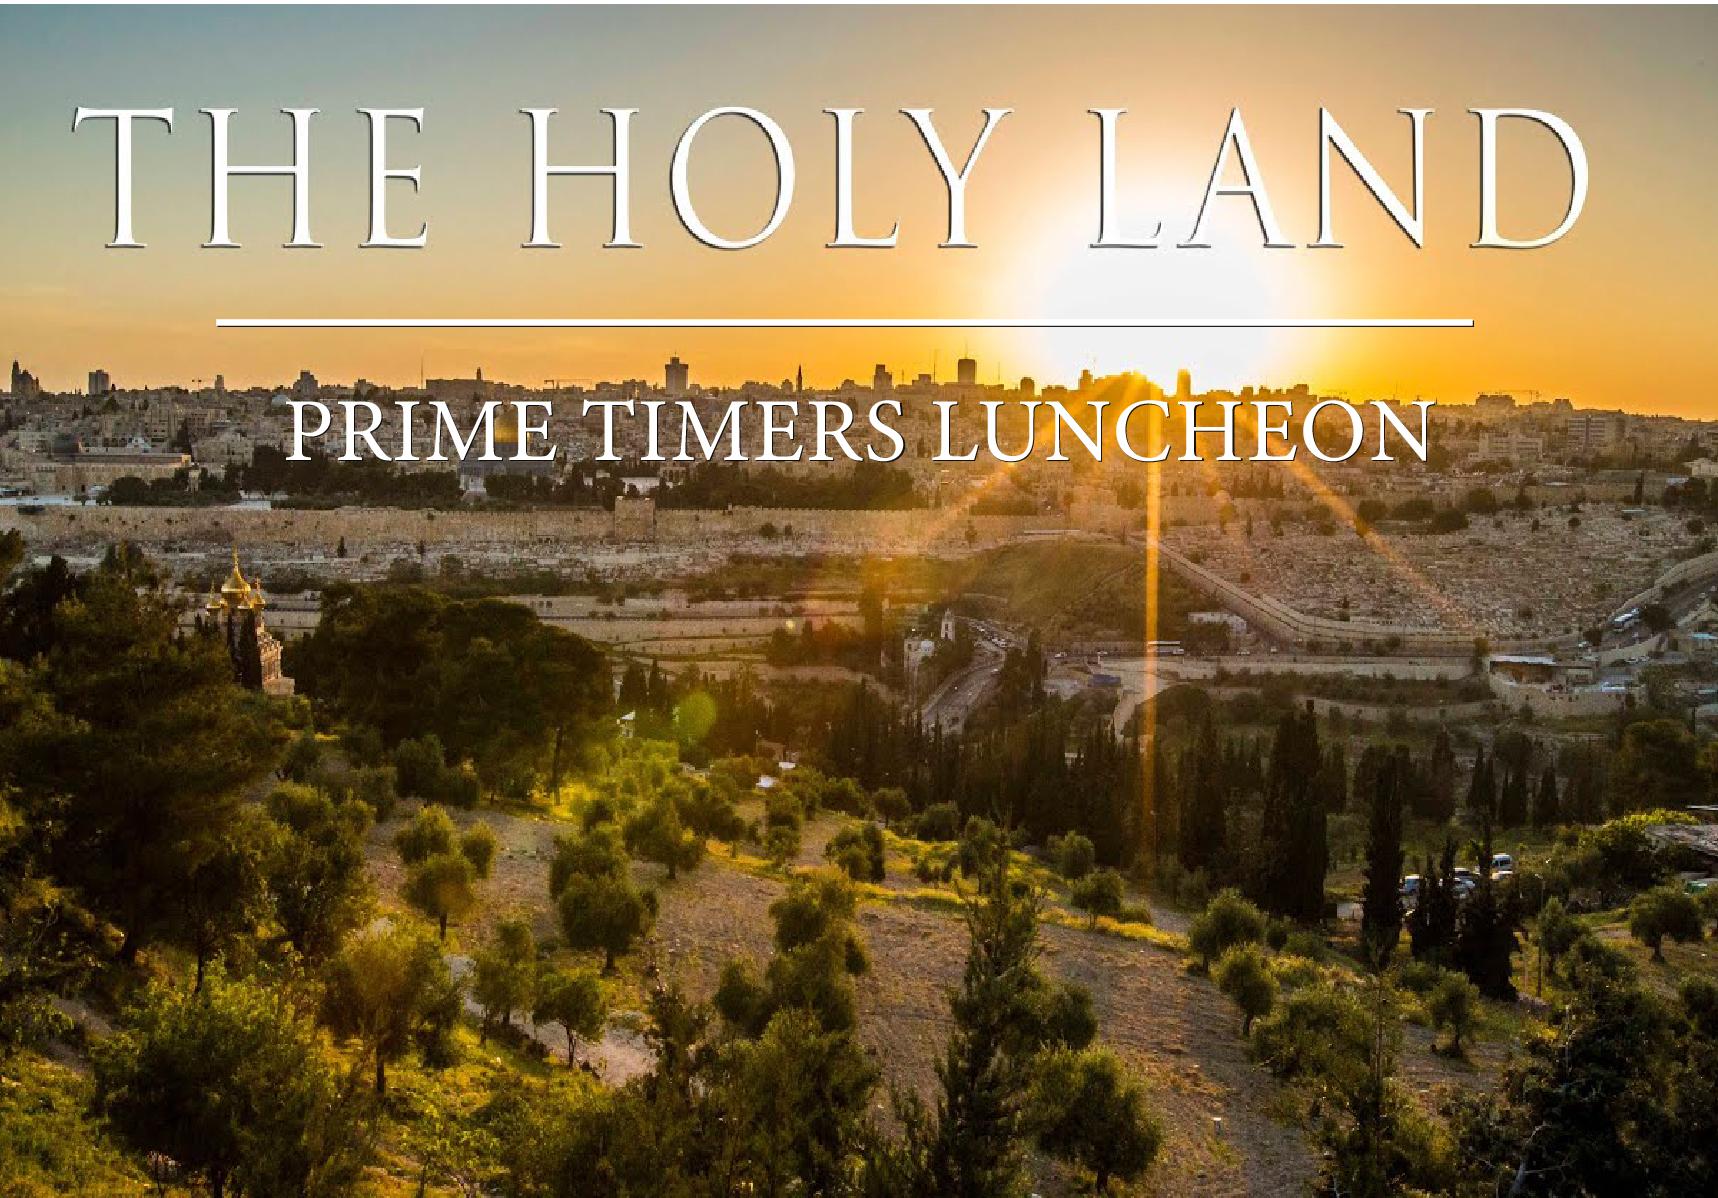 holylandprimetimers-01.jpg